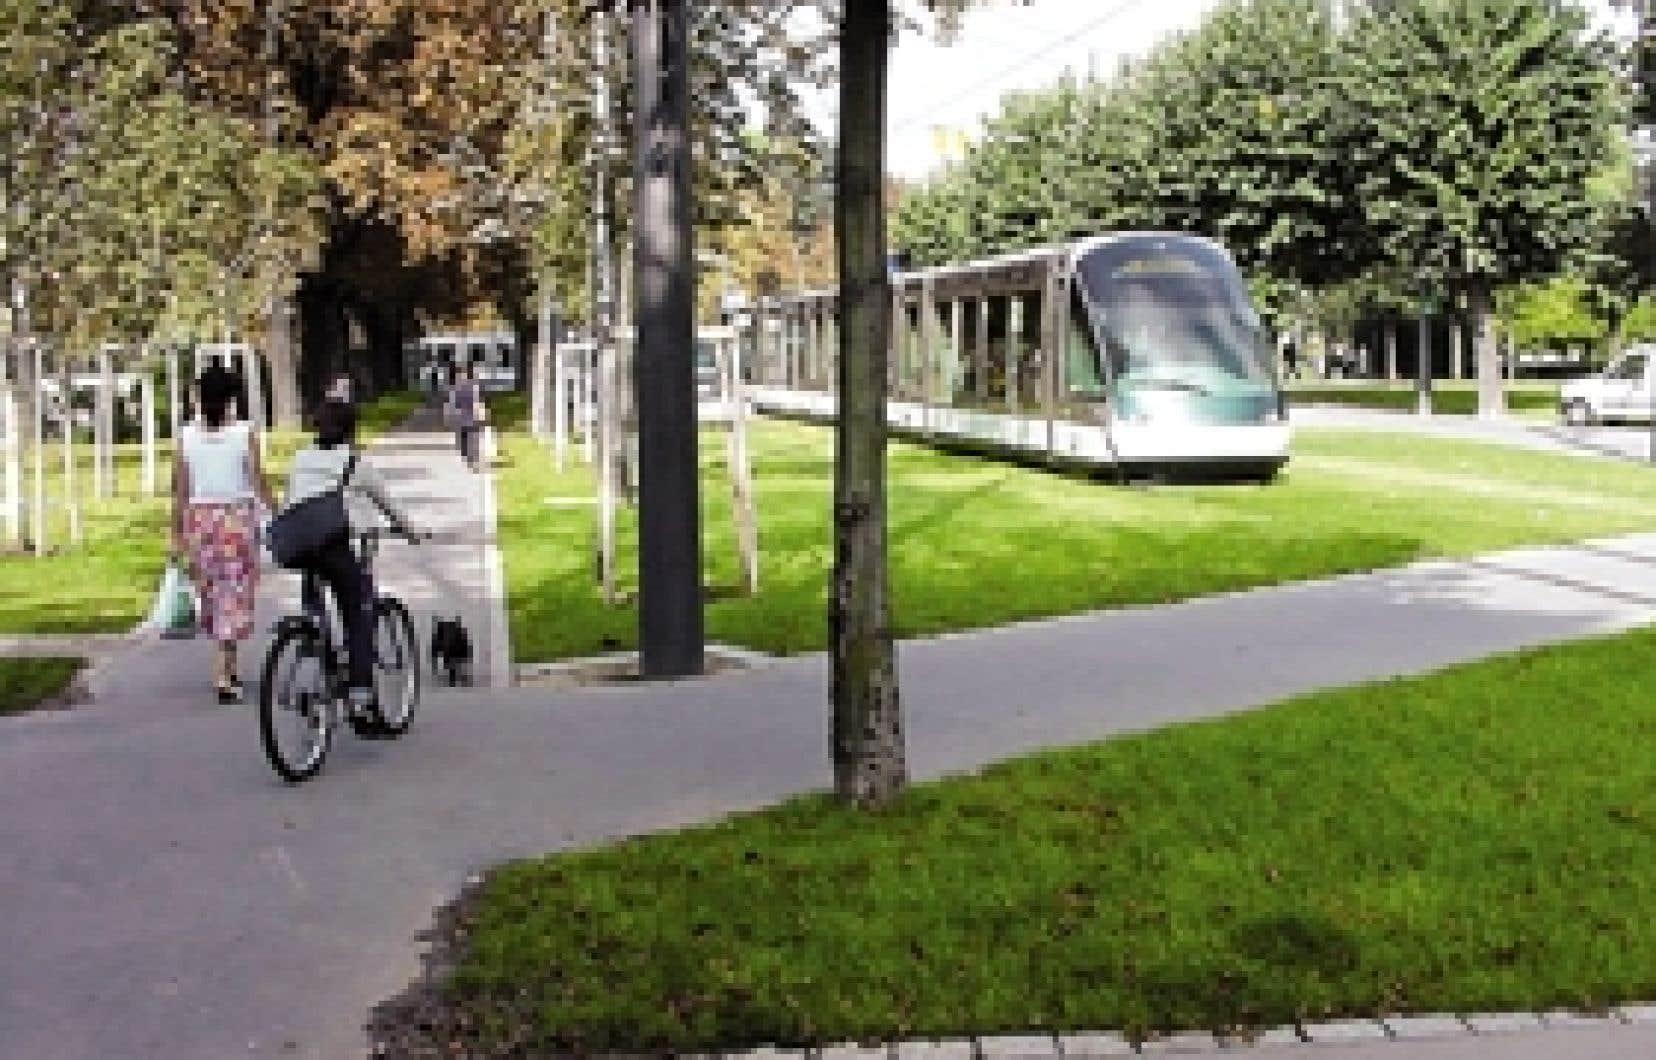 Un tramway relierait Dorval au Vieux-Montréal dans les plans imaginés par les architectes du projet Lac à la Loutre.